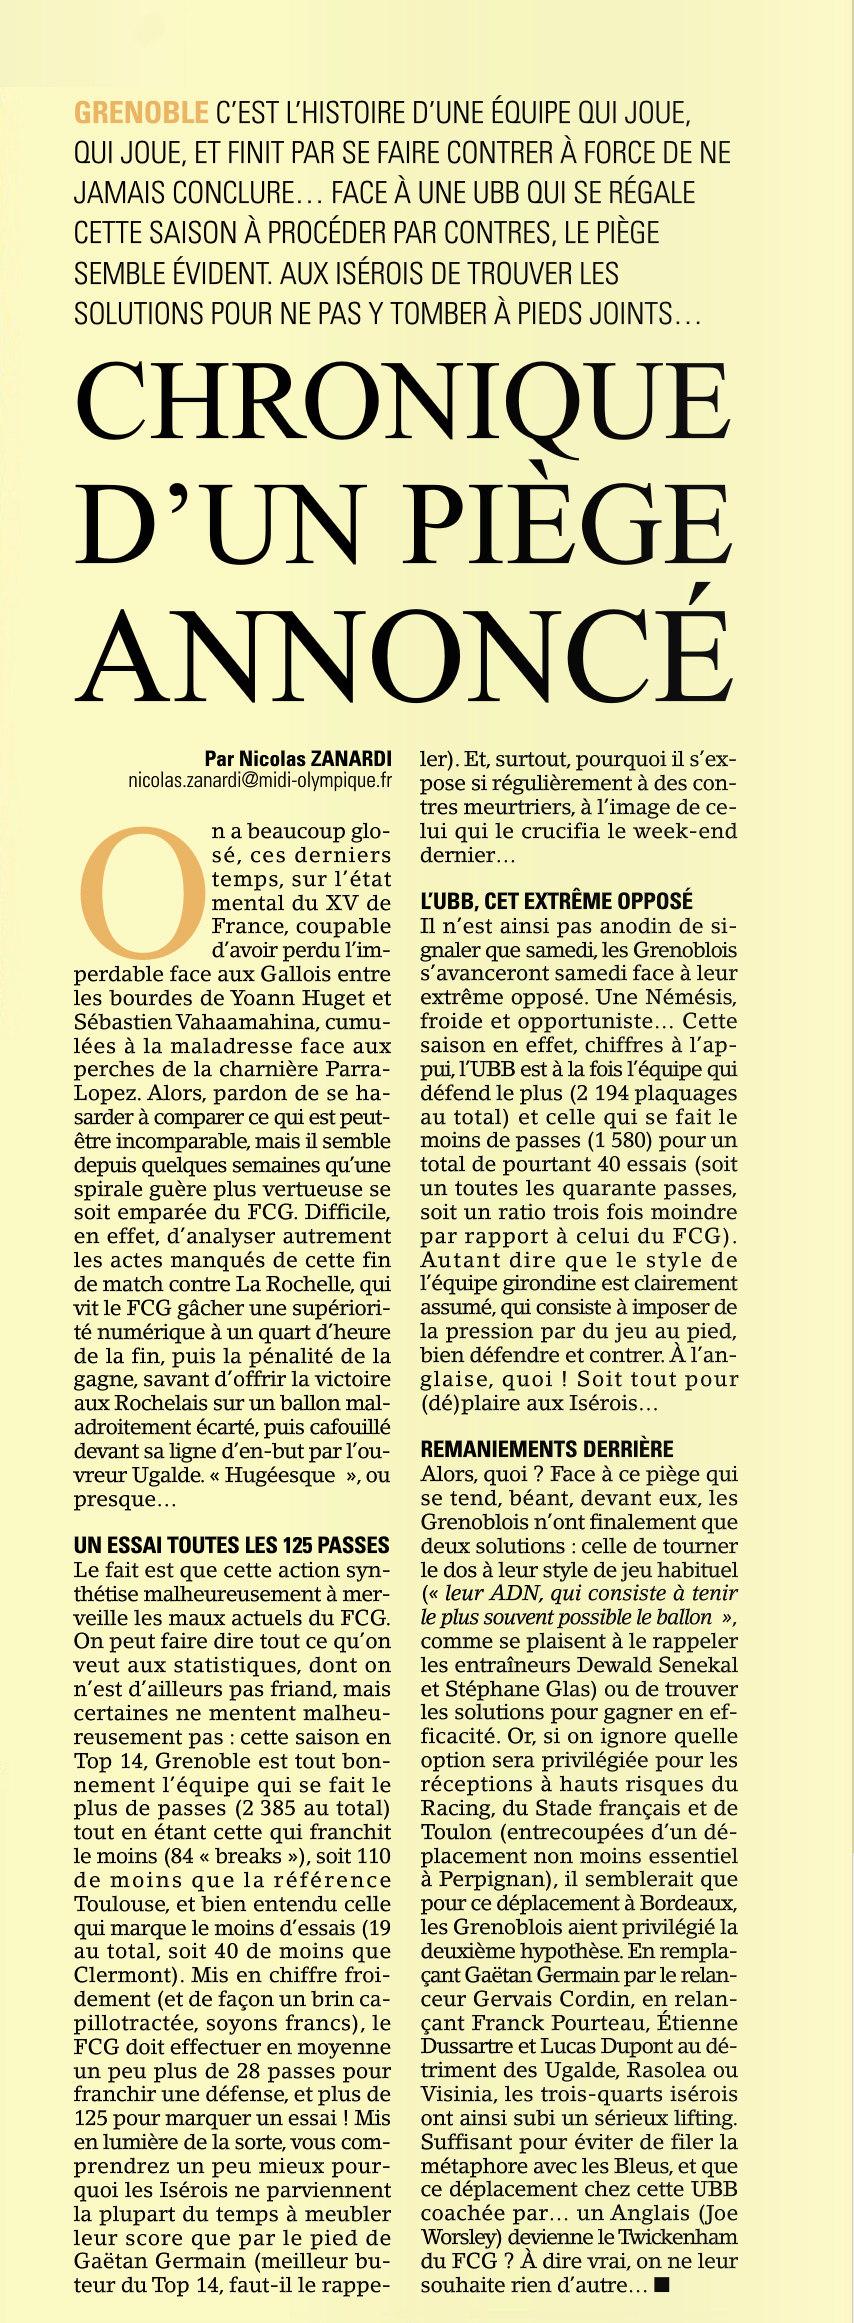 Top14 - 17ème journée : UBB / Grenoble - Page 2 215